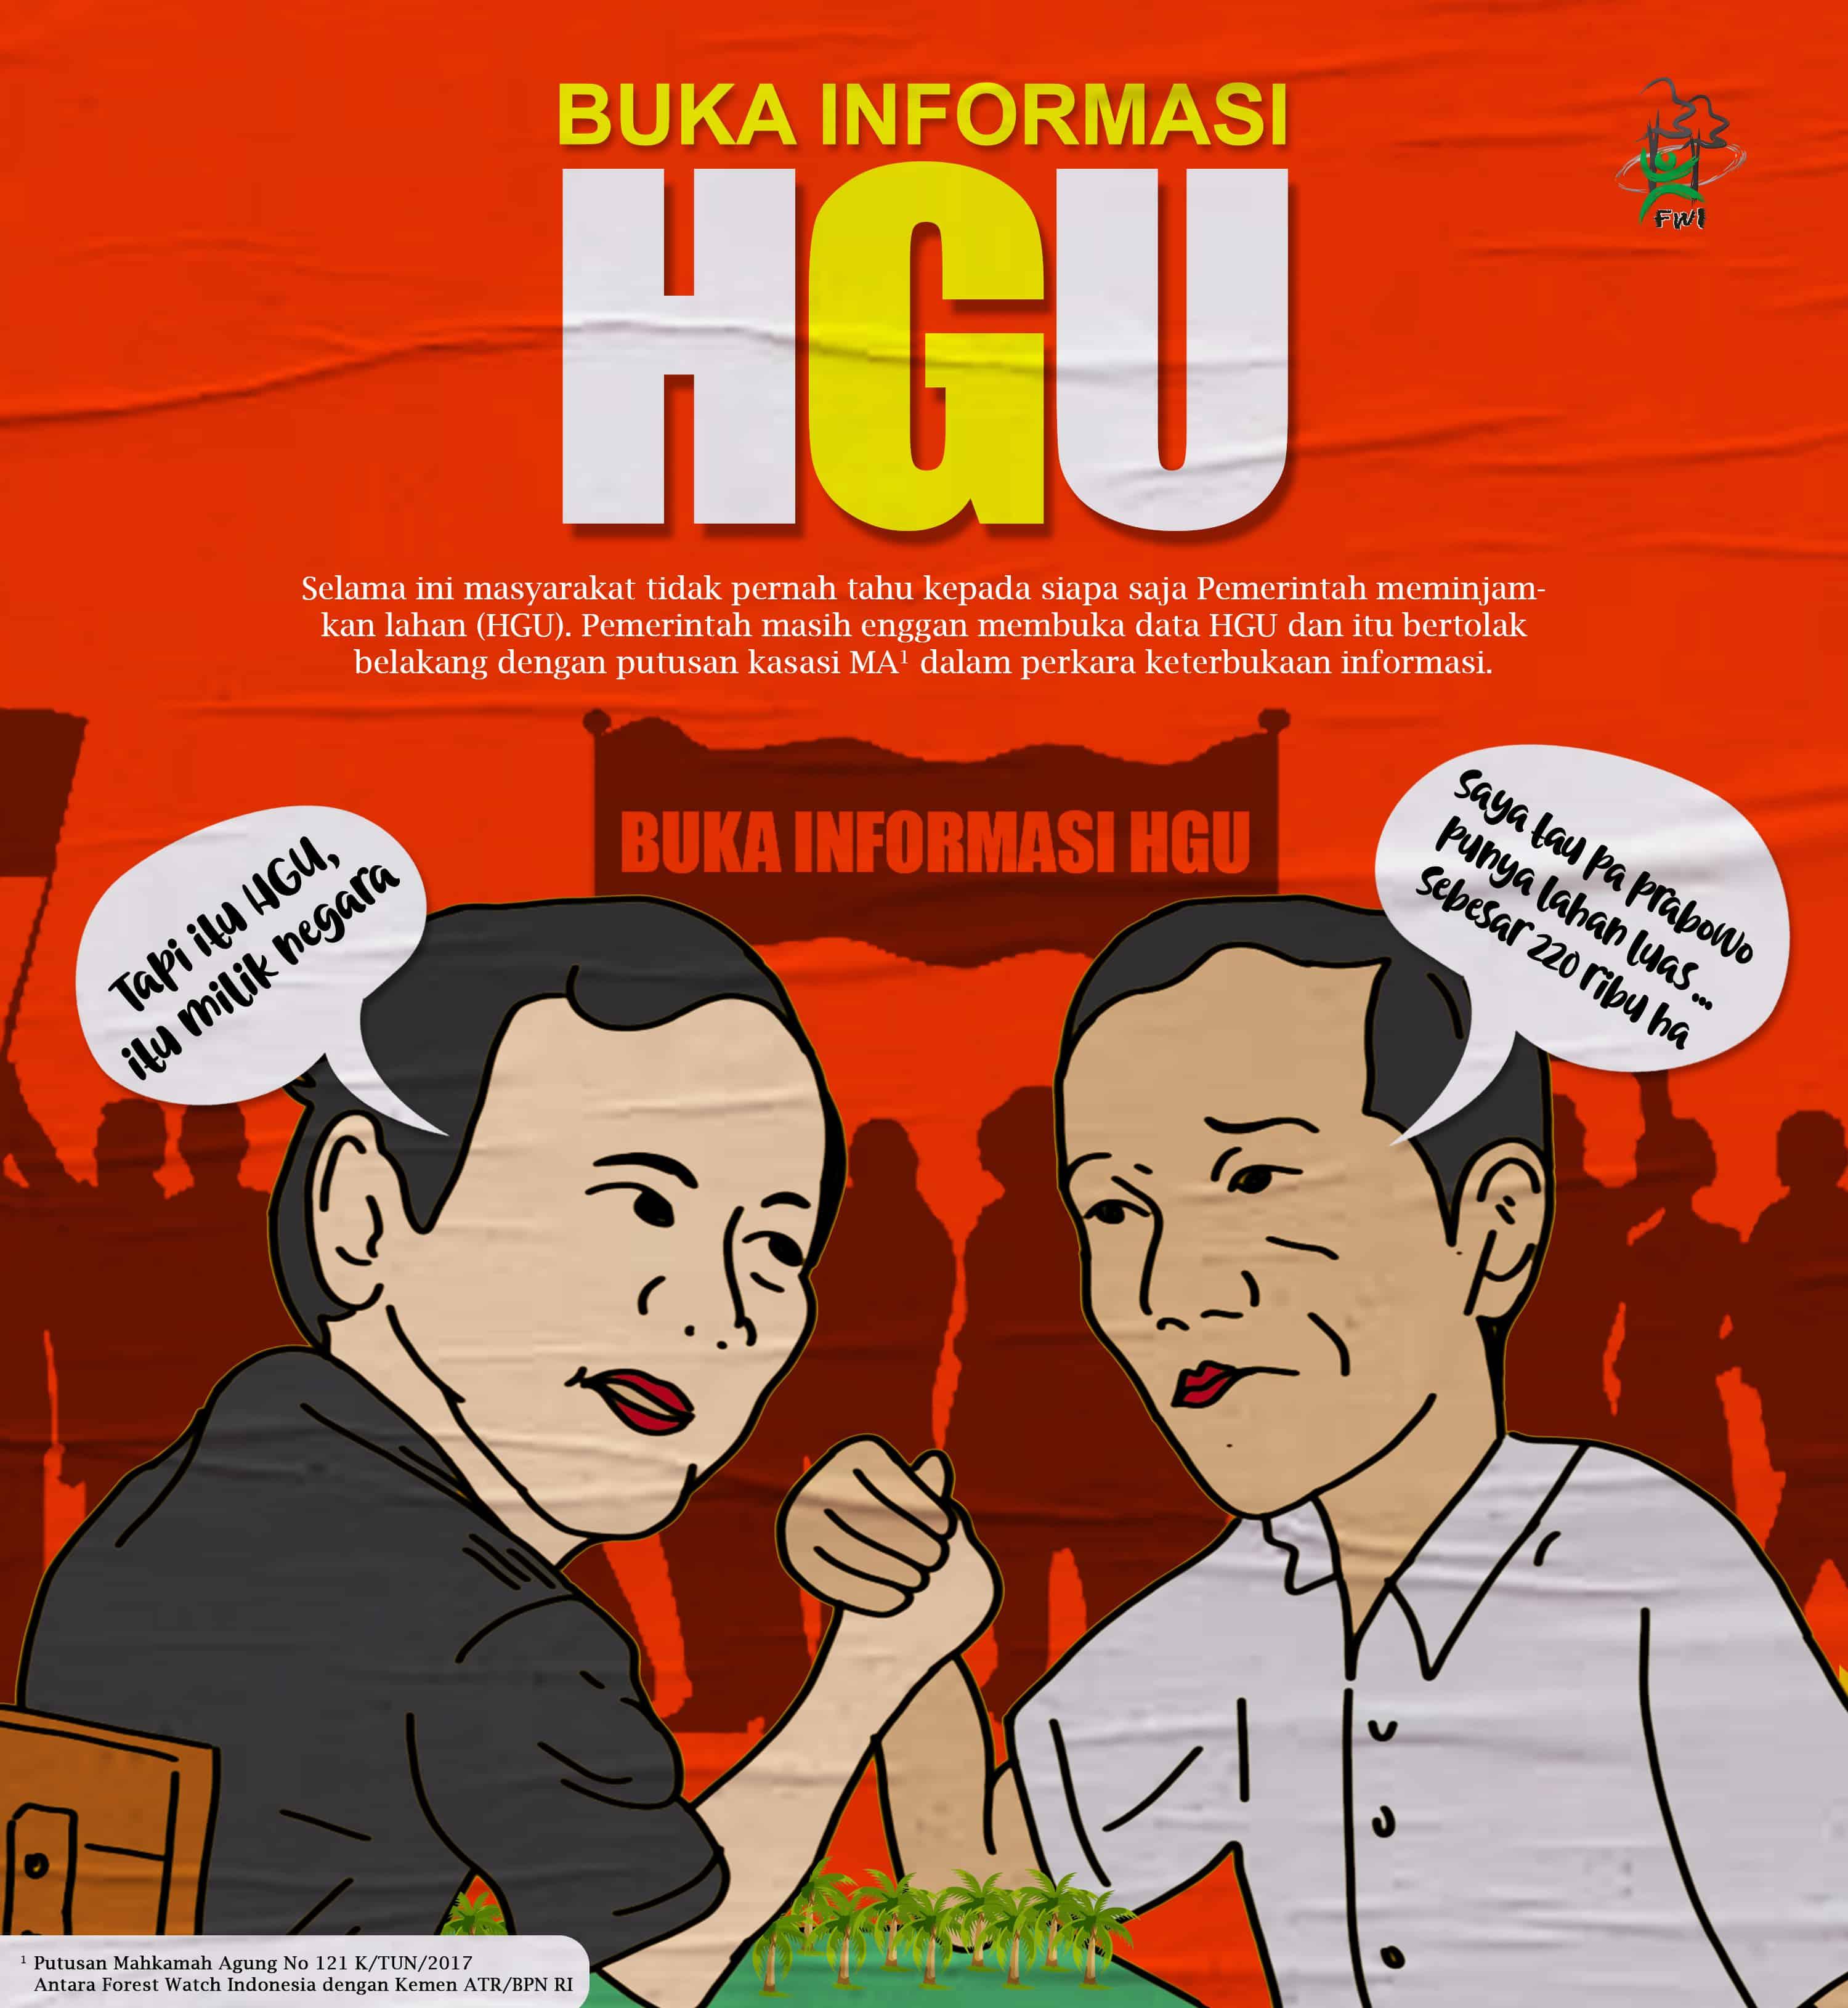 BALADA HGU DALAM PILPRES 2019: INFORMASI HGU JANGAN SEKEDAR JADI DAGANGAN POLITIK